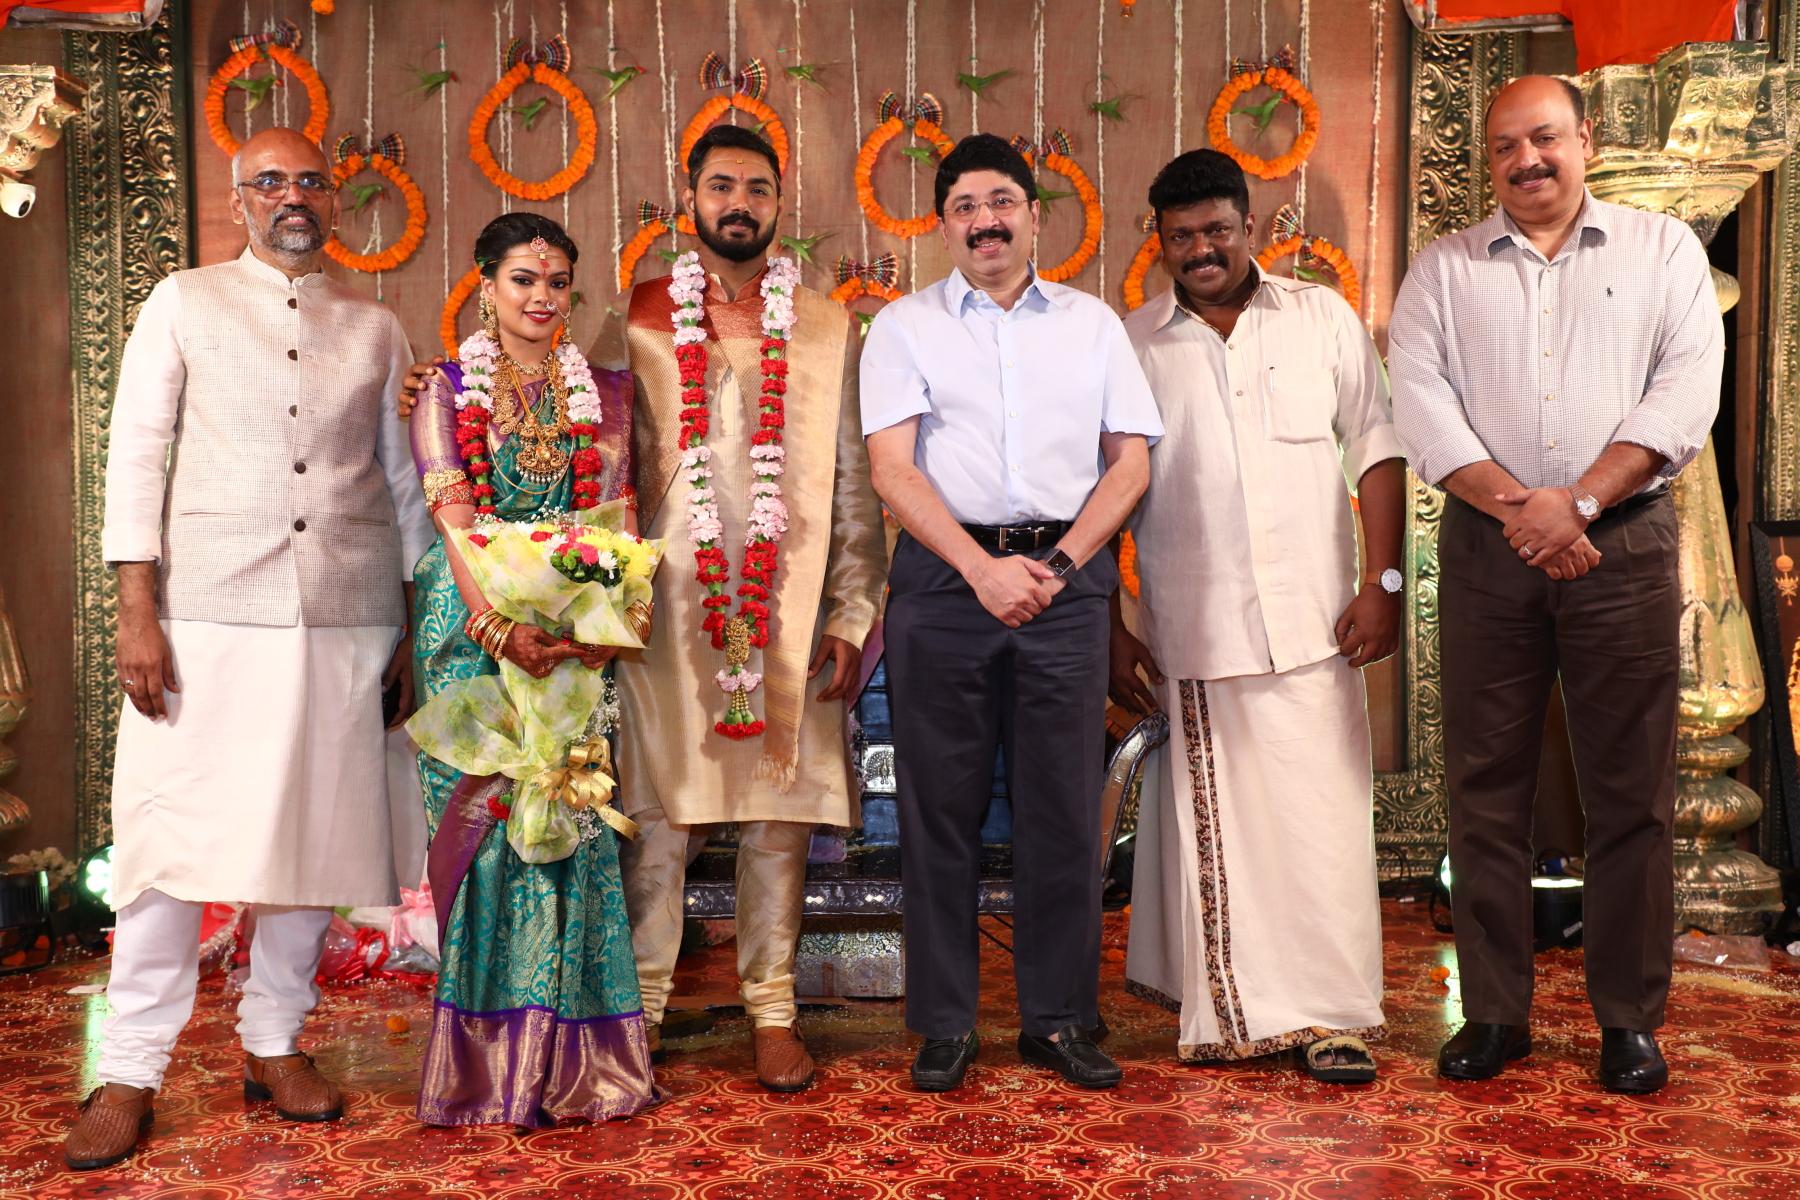 பார்த்திபன் மகள் கீர்த்தனா - அக்ஷய் திருமண ஆல்பம்..!